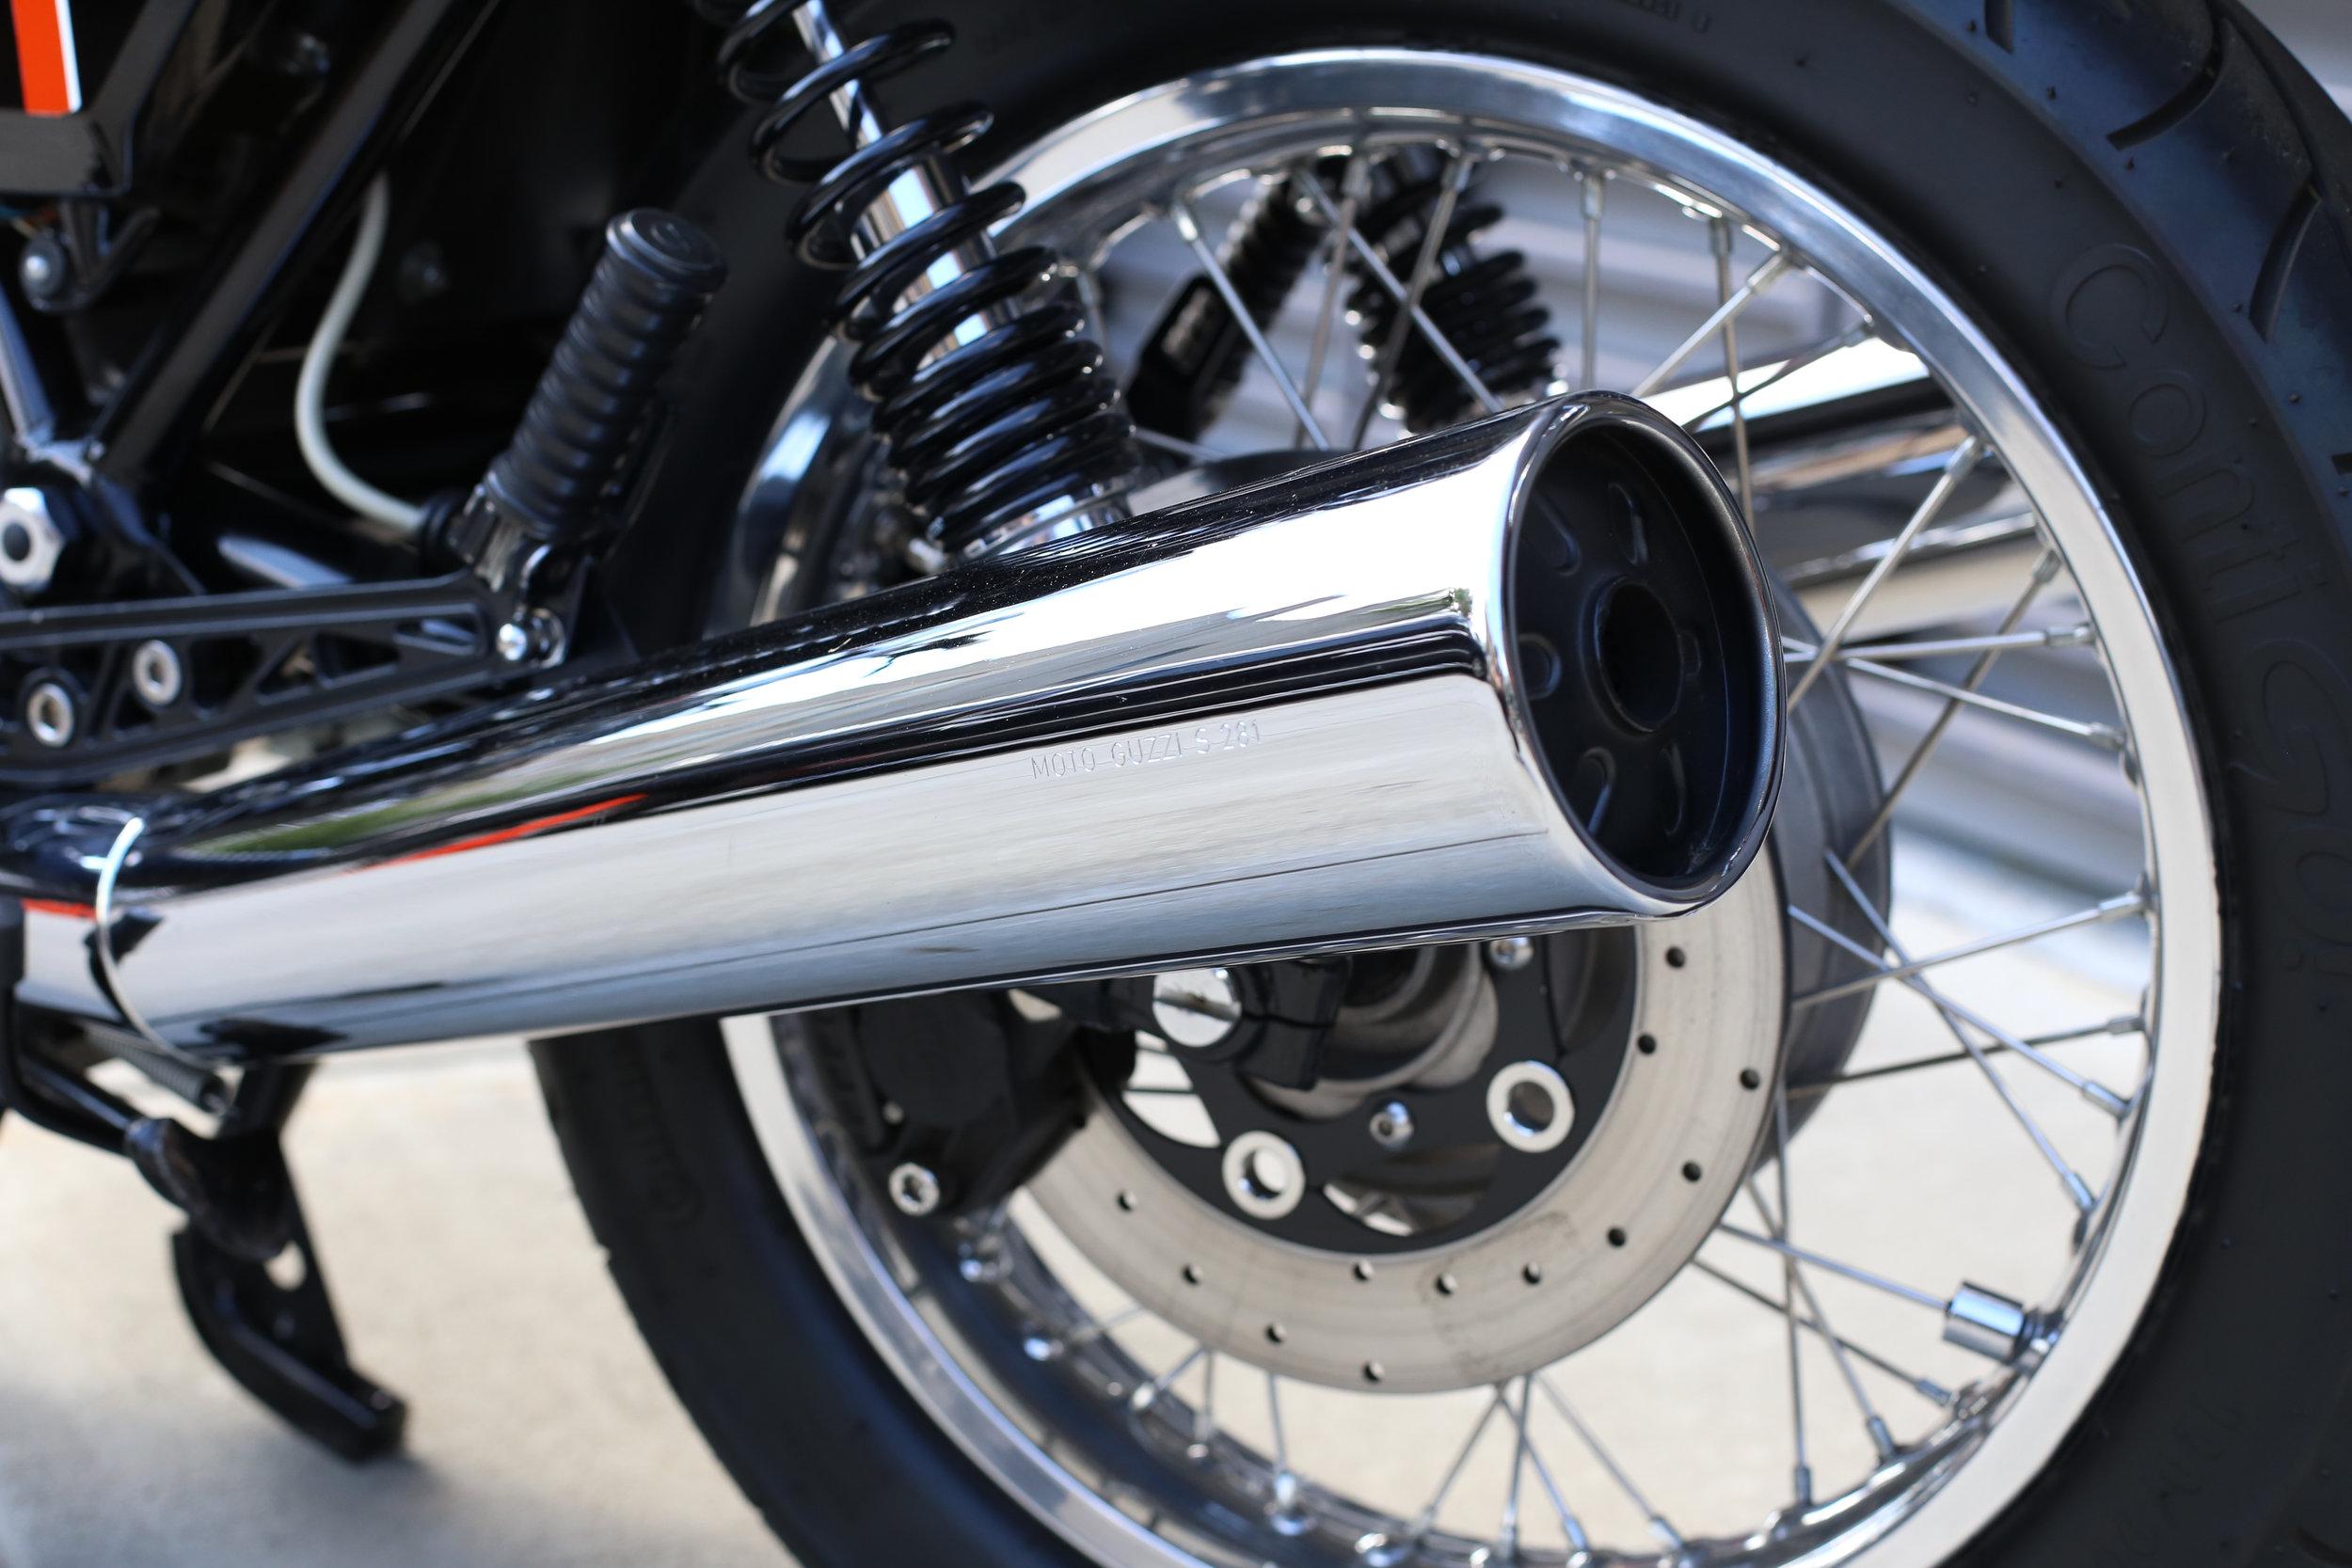 1991 Moto Guzzi 1000S Pipes